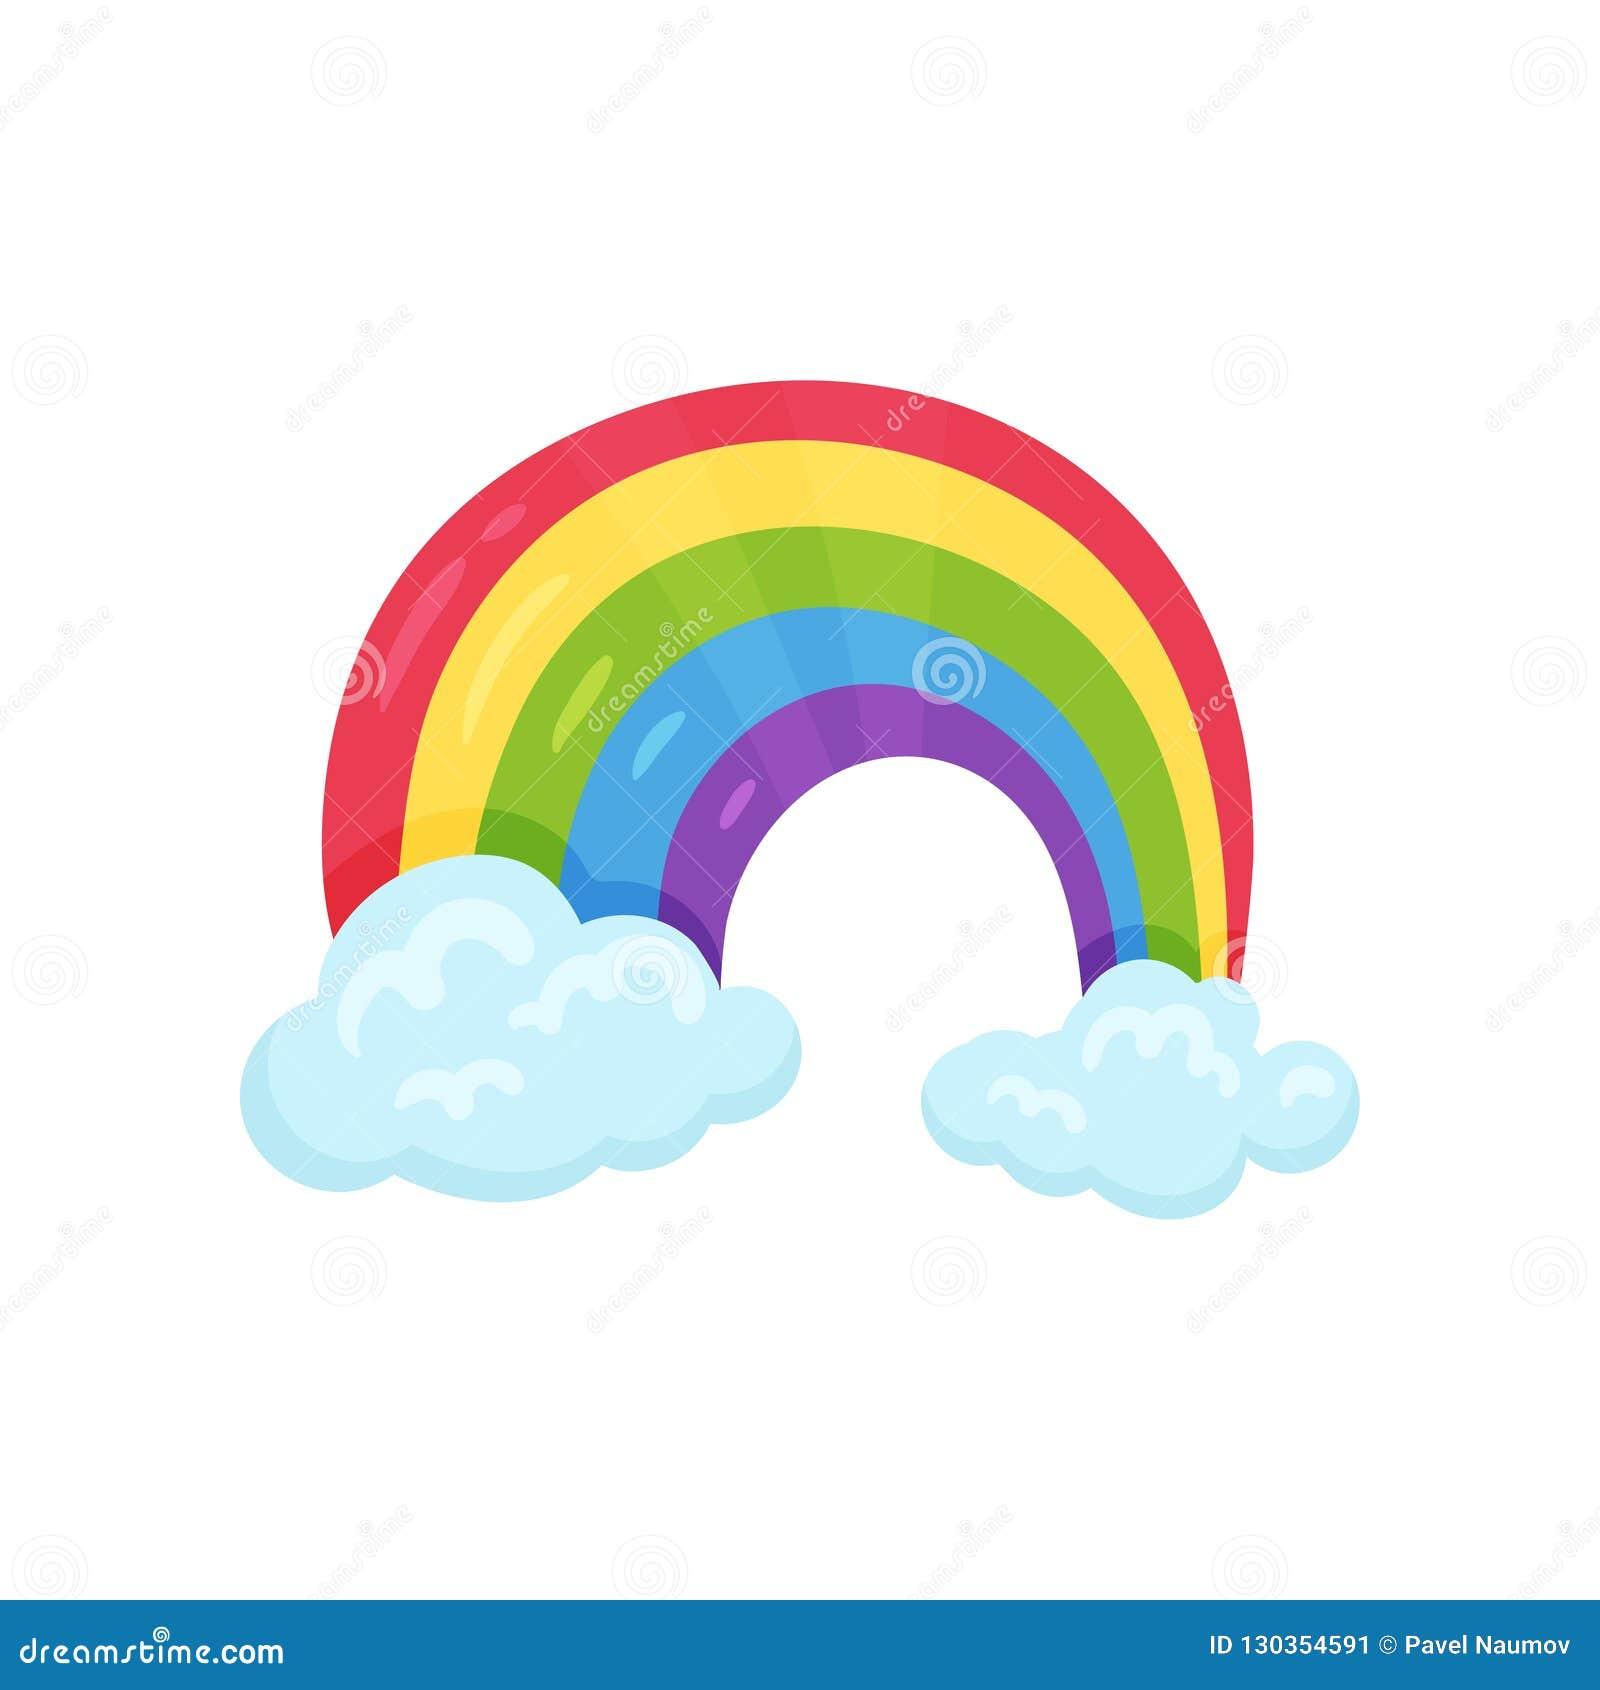 Icono de la historieta del arco iris multicolor con el elemento plano del vector de dos nubes azules para la decoración del sitio